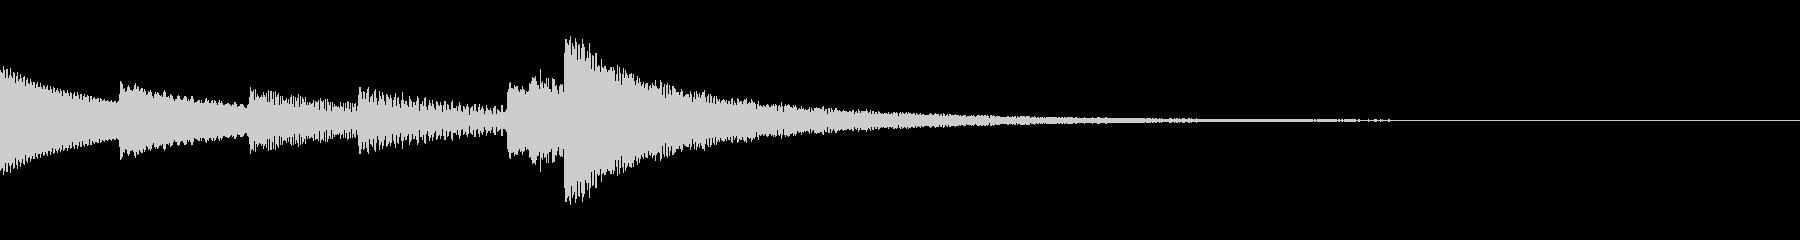 清らかな印象のベルを使用したジングルの未再生の波形